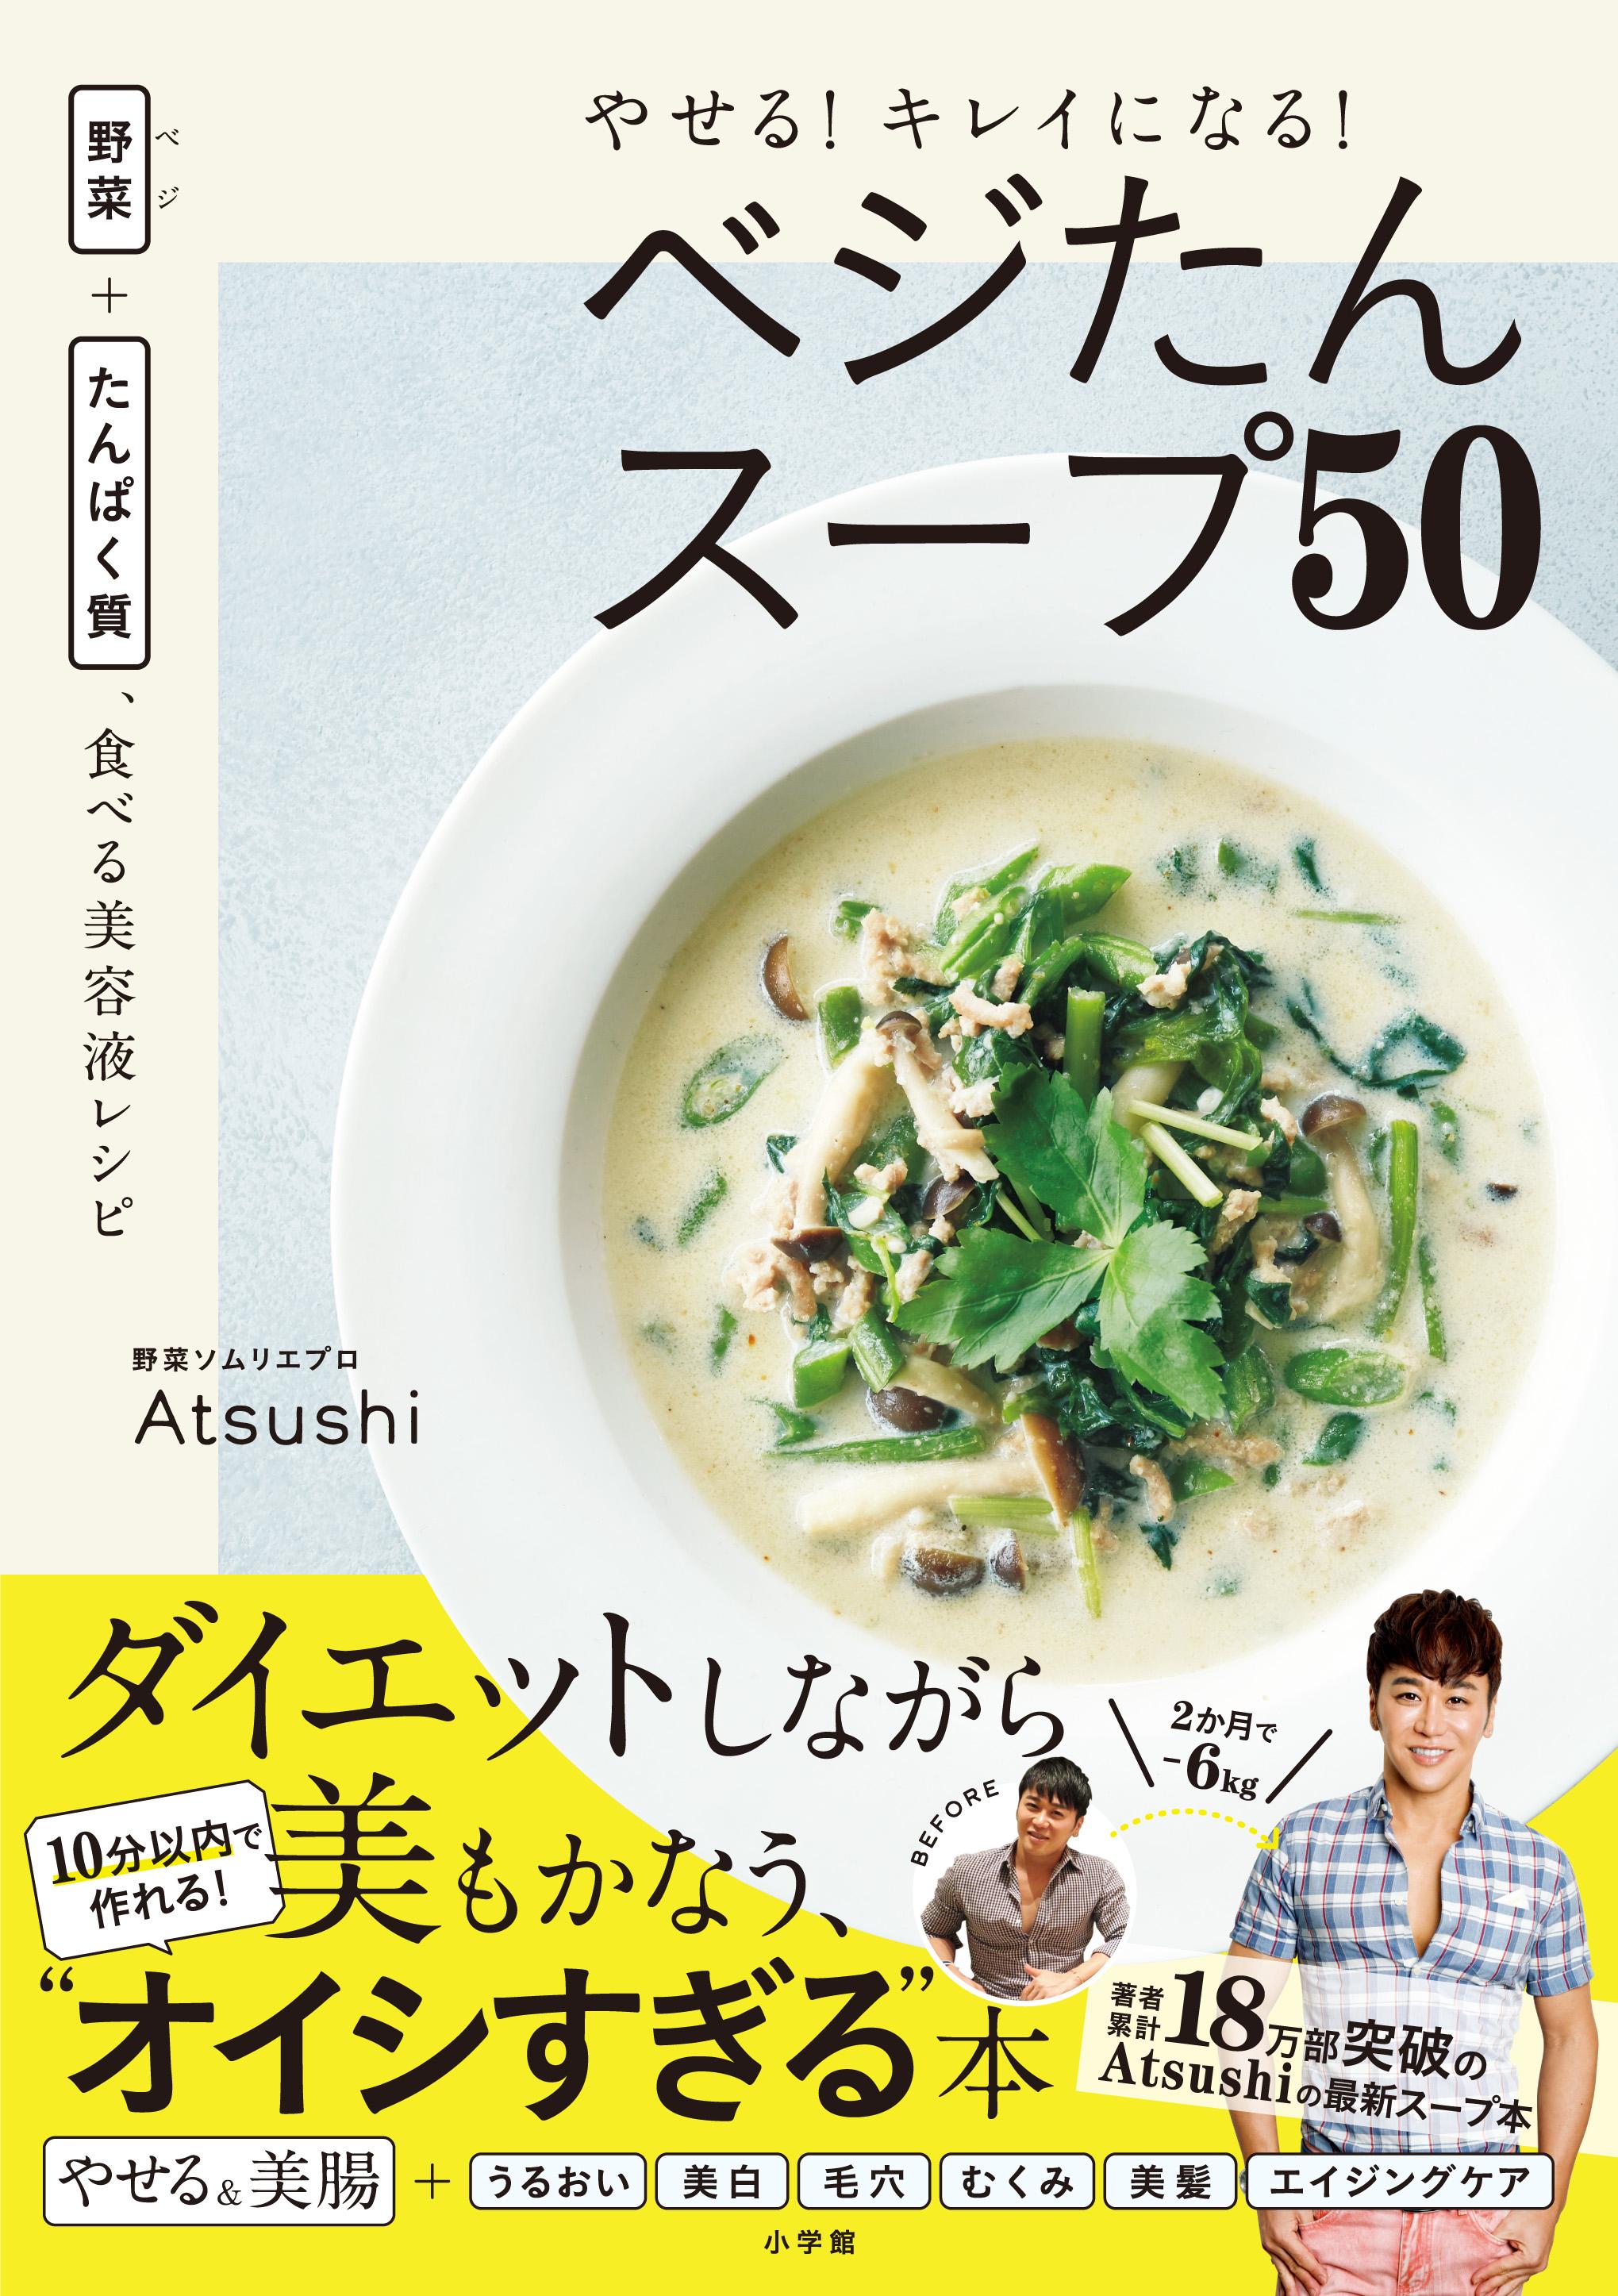 書籍『やせる!キレイになる!ベジたんスープ50 野菜+たんぱく質、食べる美容液レシピ』(小学館)